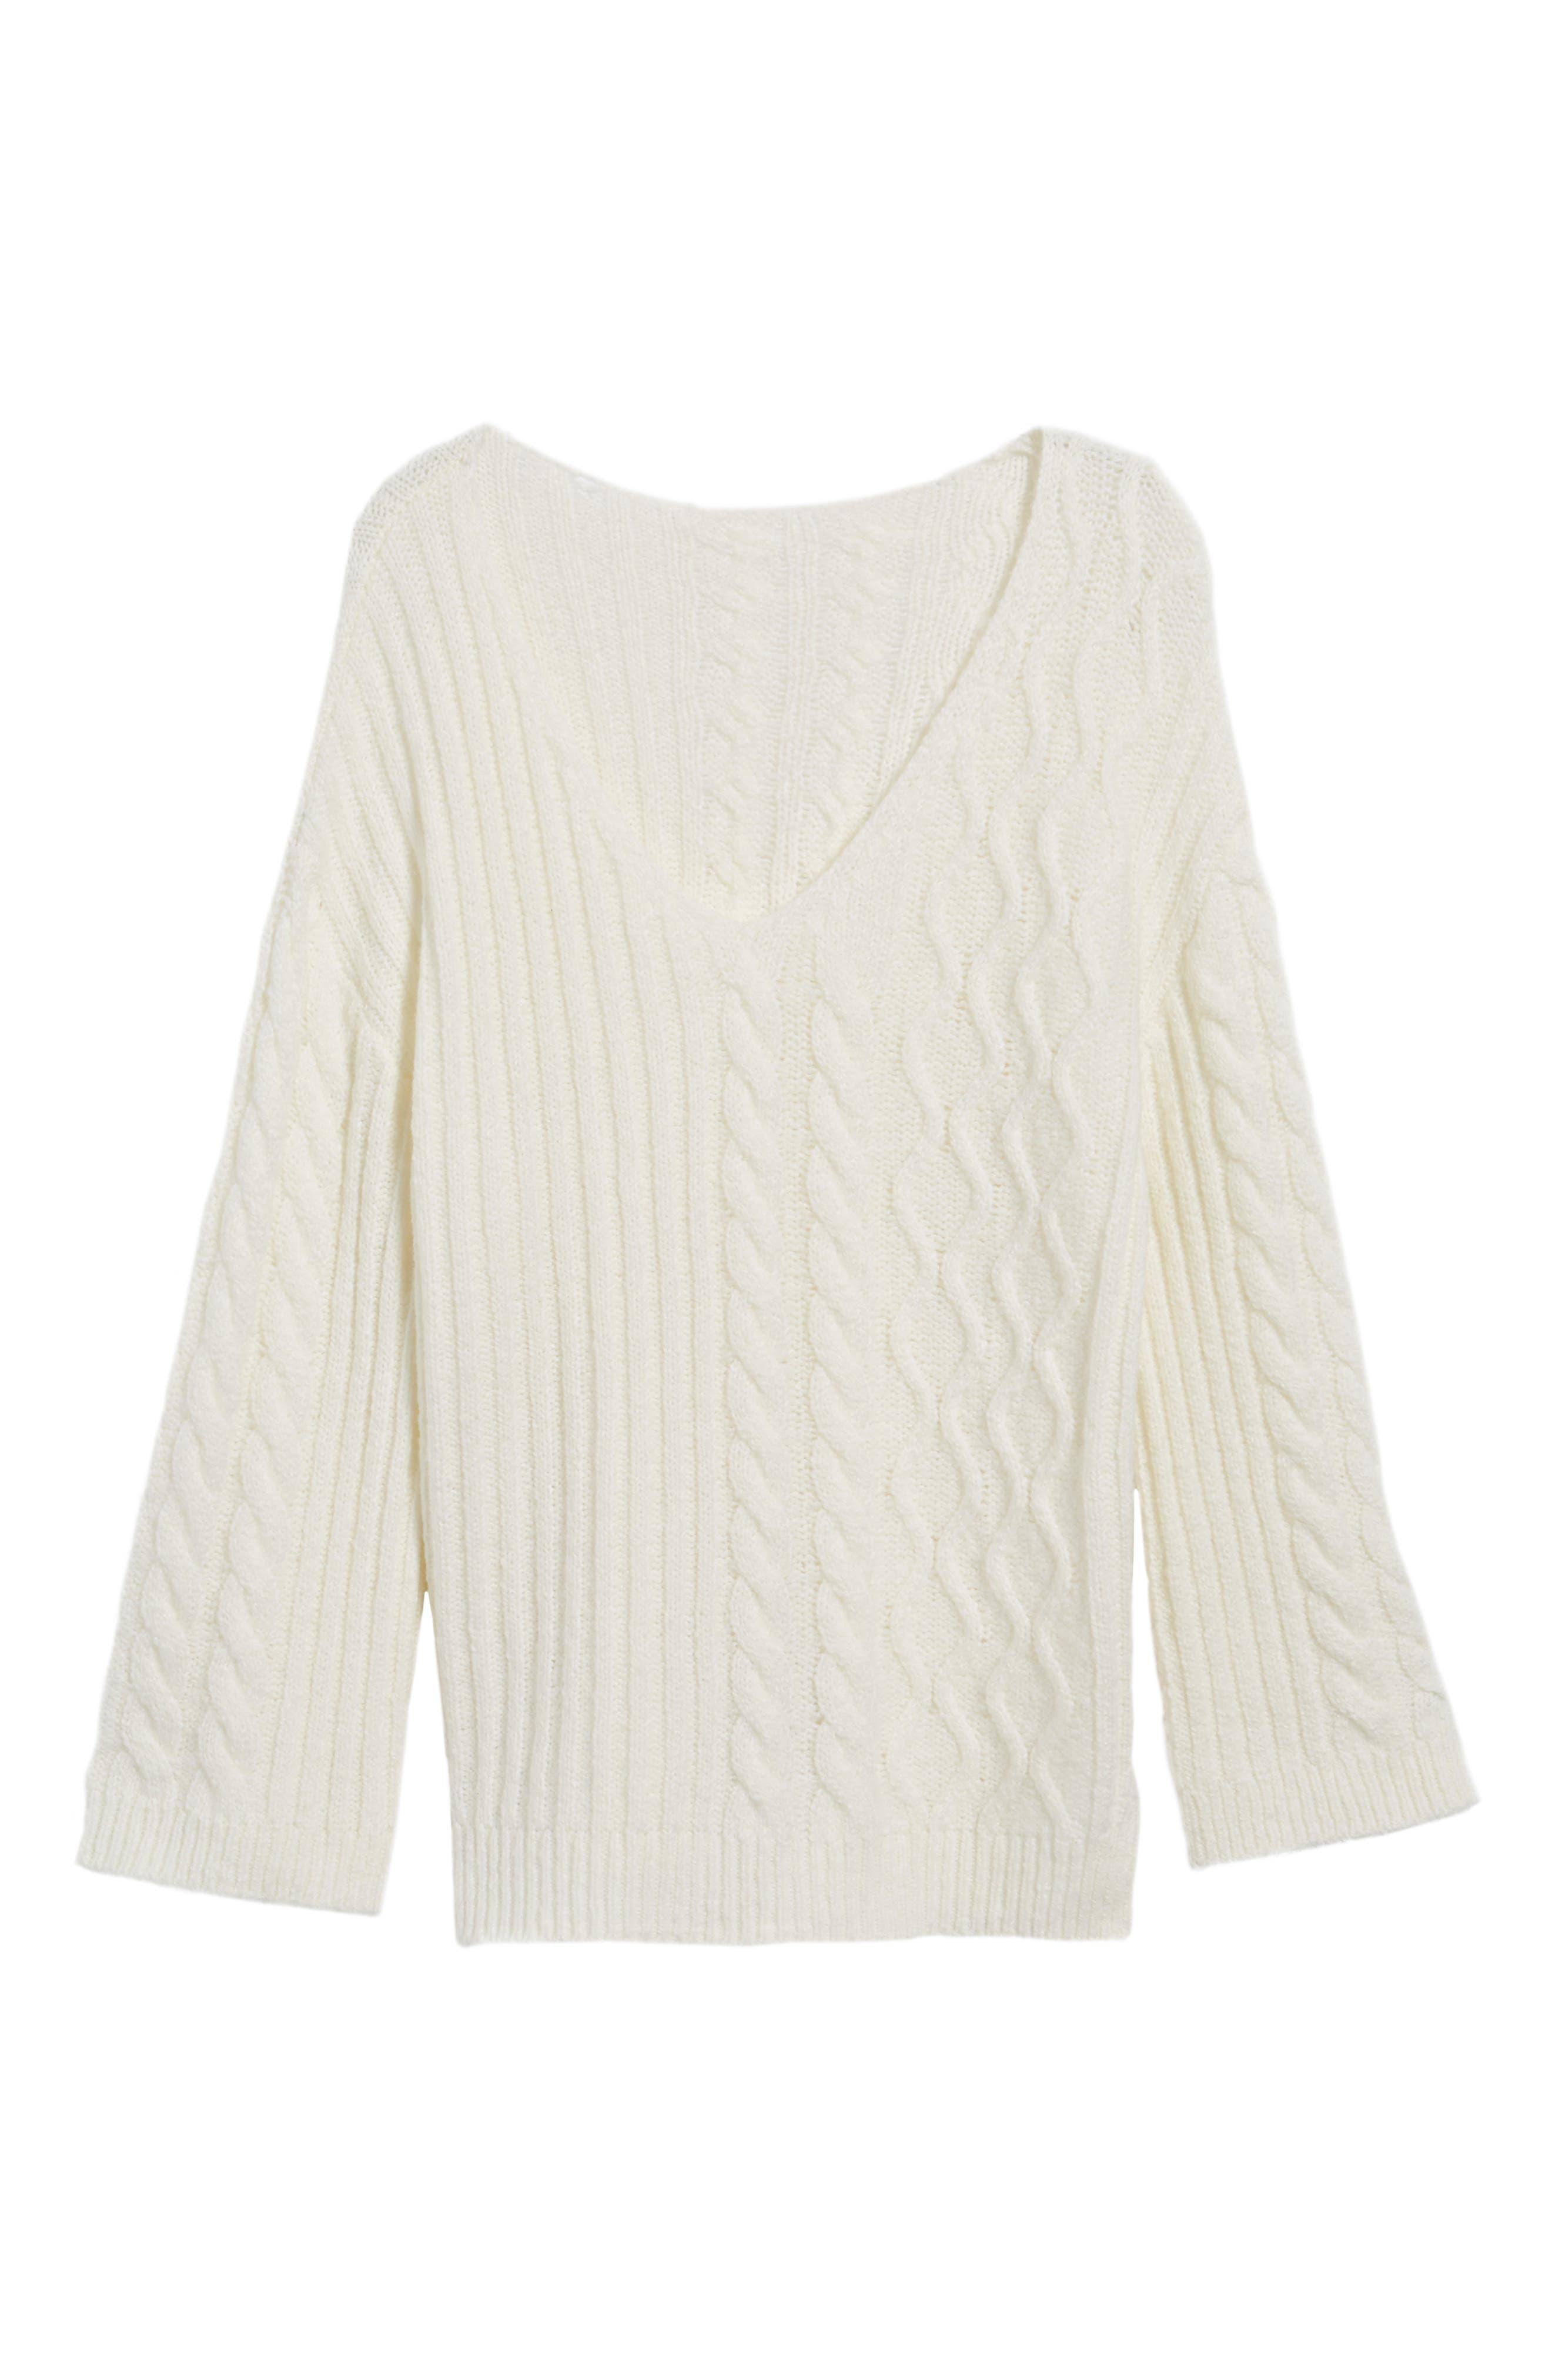 Mix Stitch Cotton Blend Sweater,                             Alternate thumbnail 12, color,